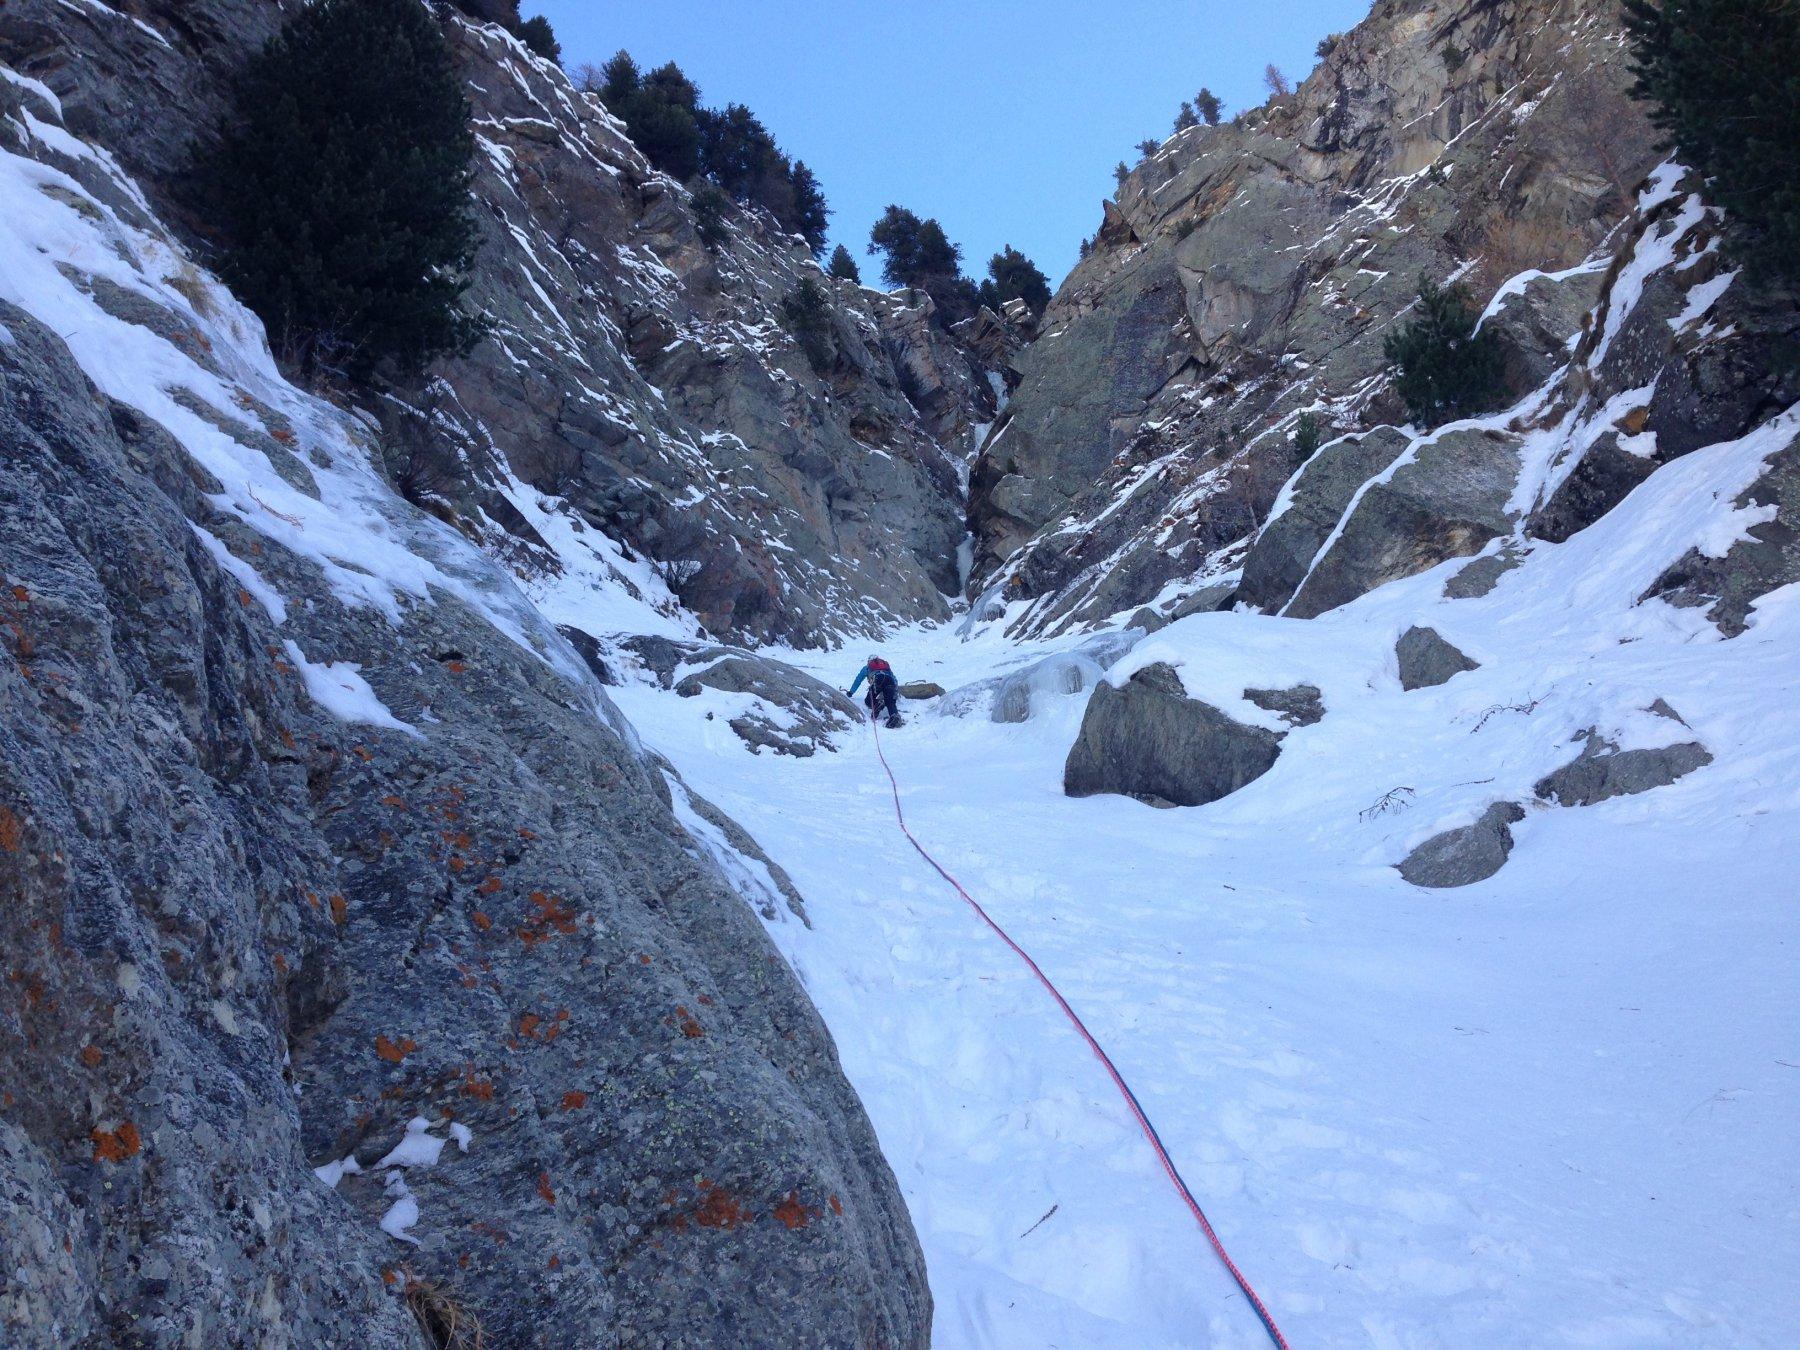 Il pendio di neve dopo il primo tiro: presenti due soste per calata scendendo sulla destra